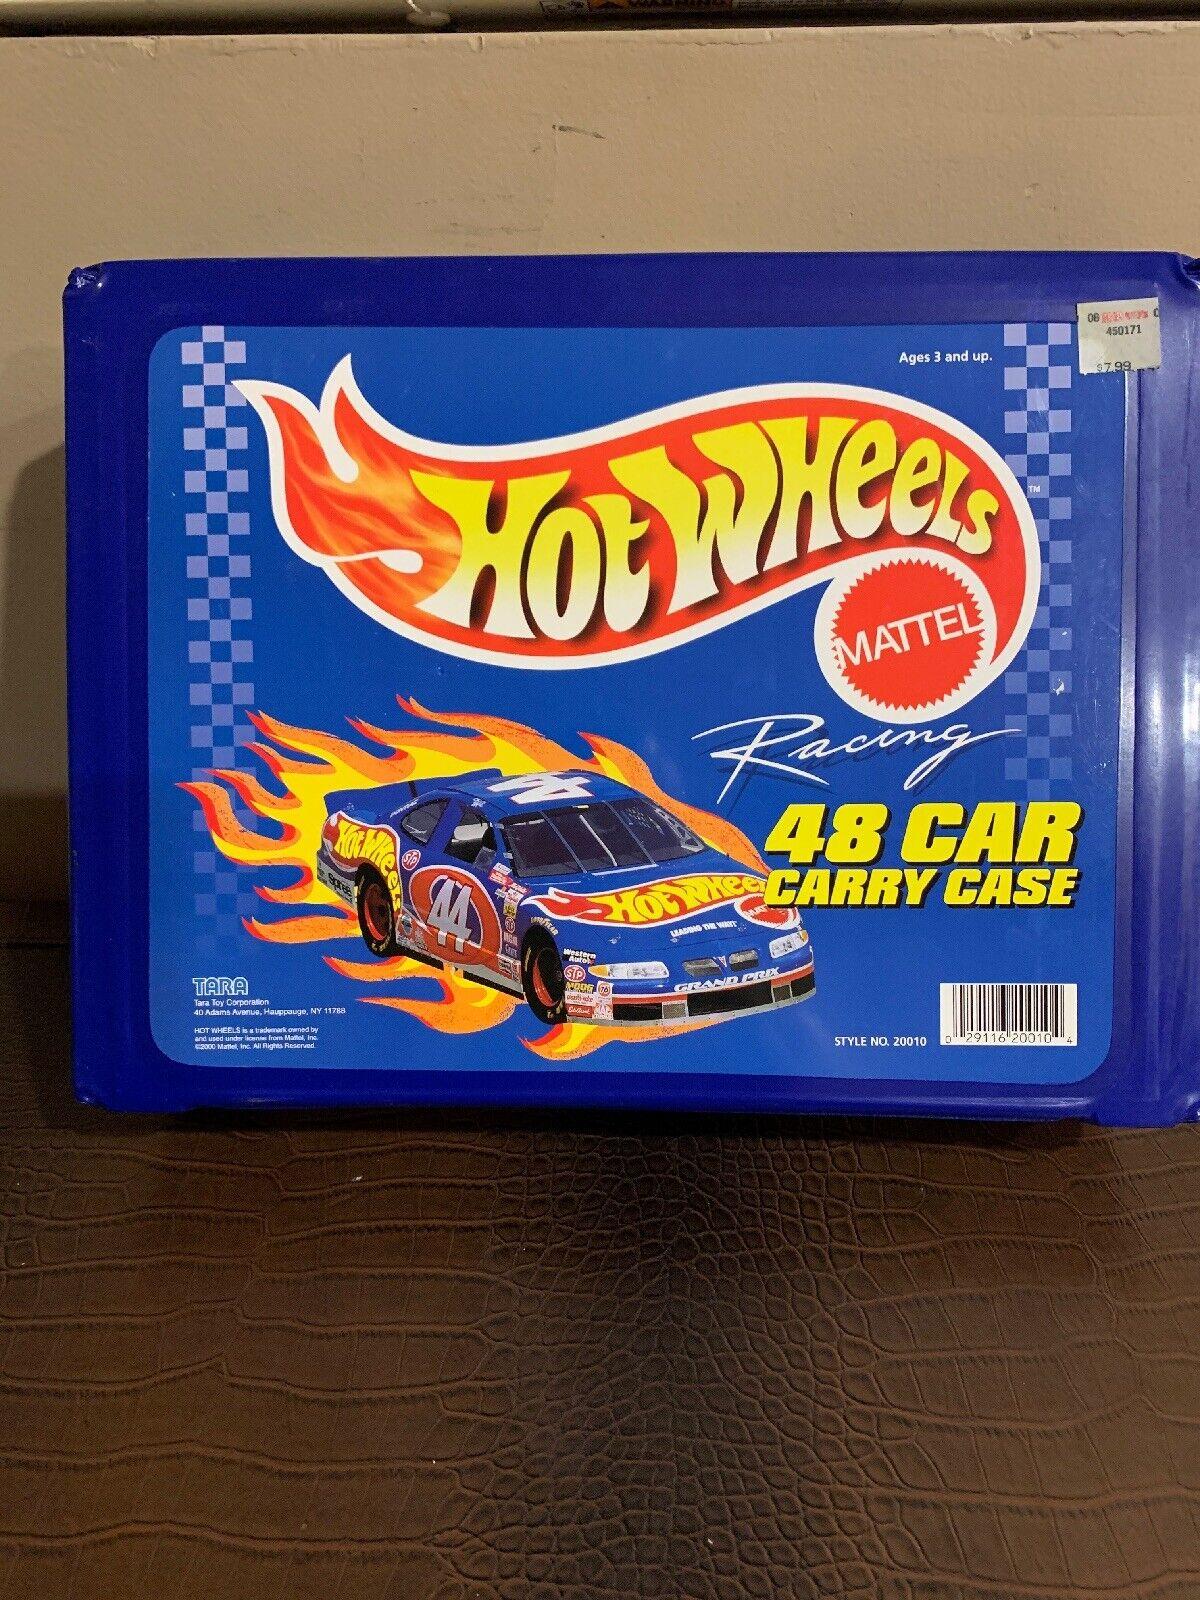 Hot Wheels Racing 48 Coche Llevar Estuche por Tara 1997 coches modelo 20010 - 48